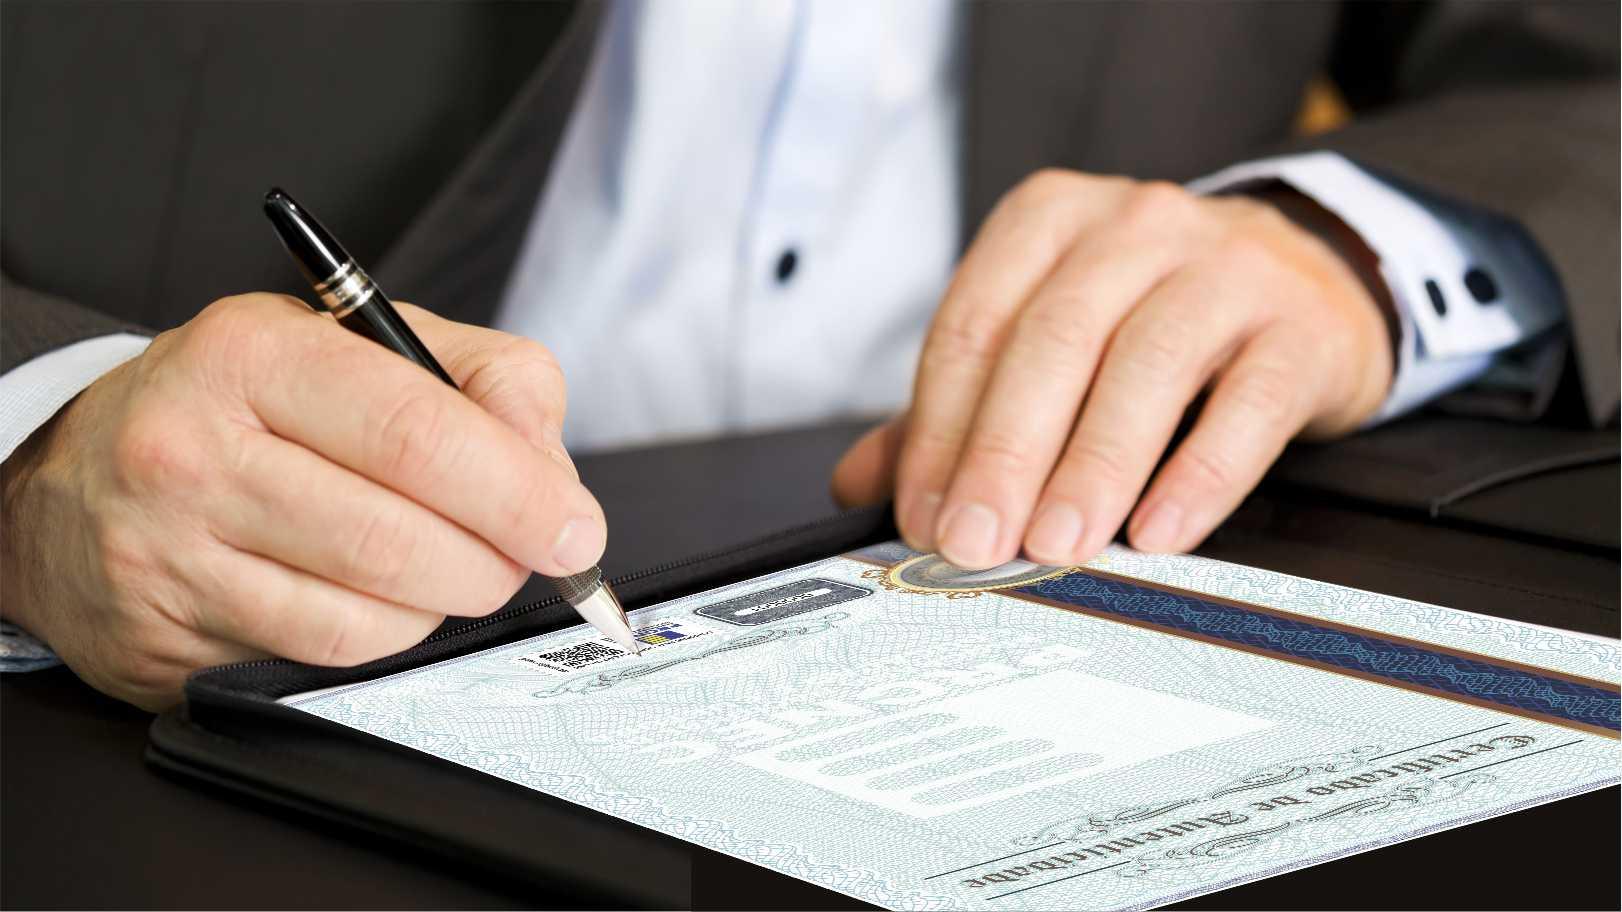 Saiba mais sobre o PRONEC e seus Serviços e Certificações Qualificadas